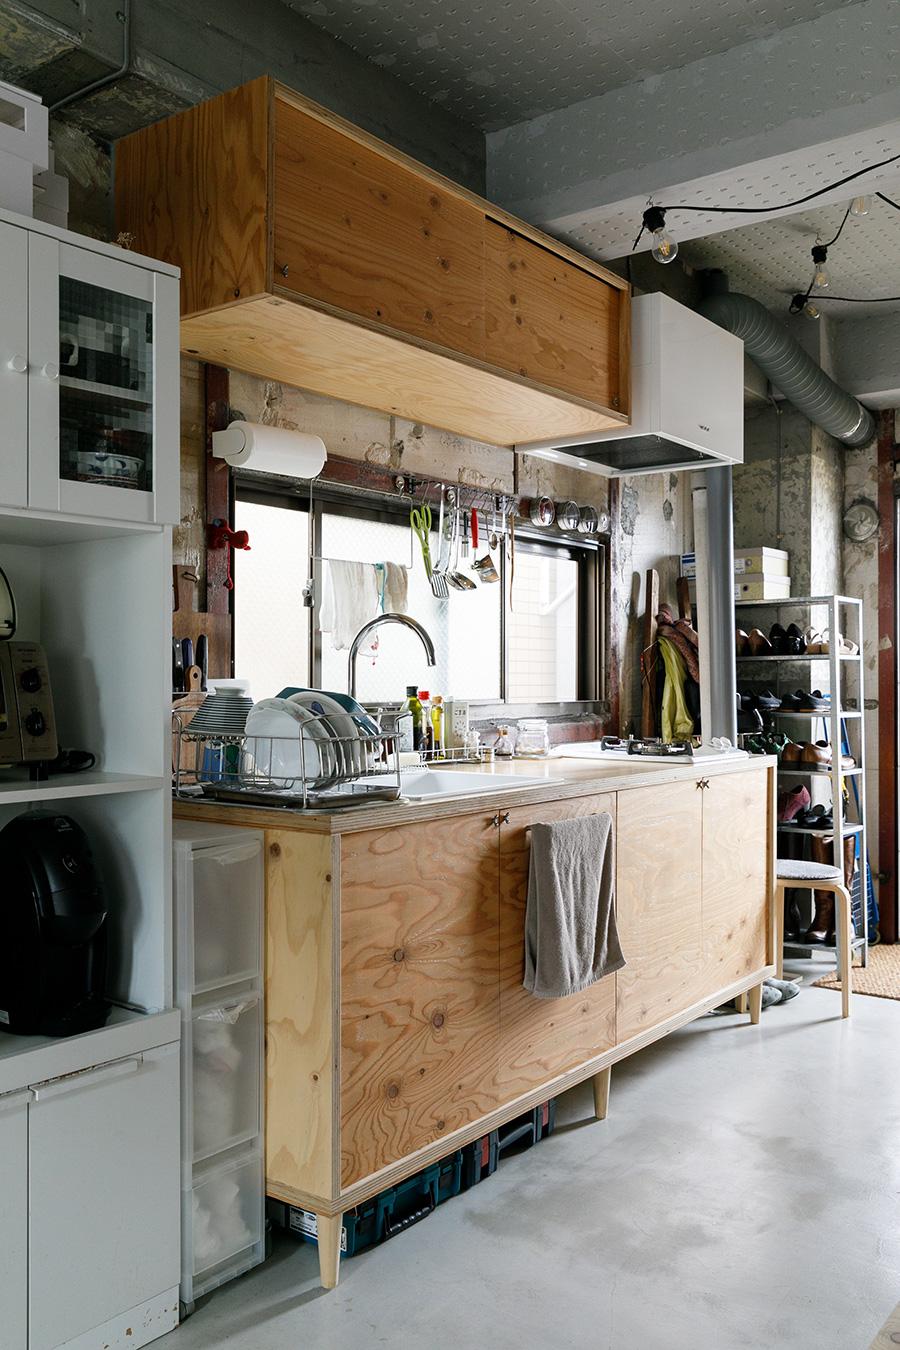 ご近所のDIY工房「中原工房」に協力してもらい、造作したオリジナルのキッチン。中原工房は、マンションオーナーの紹介で知ったそう。